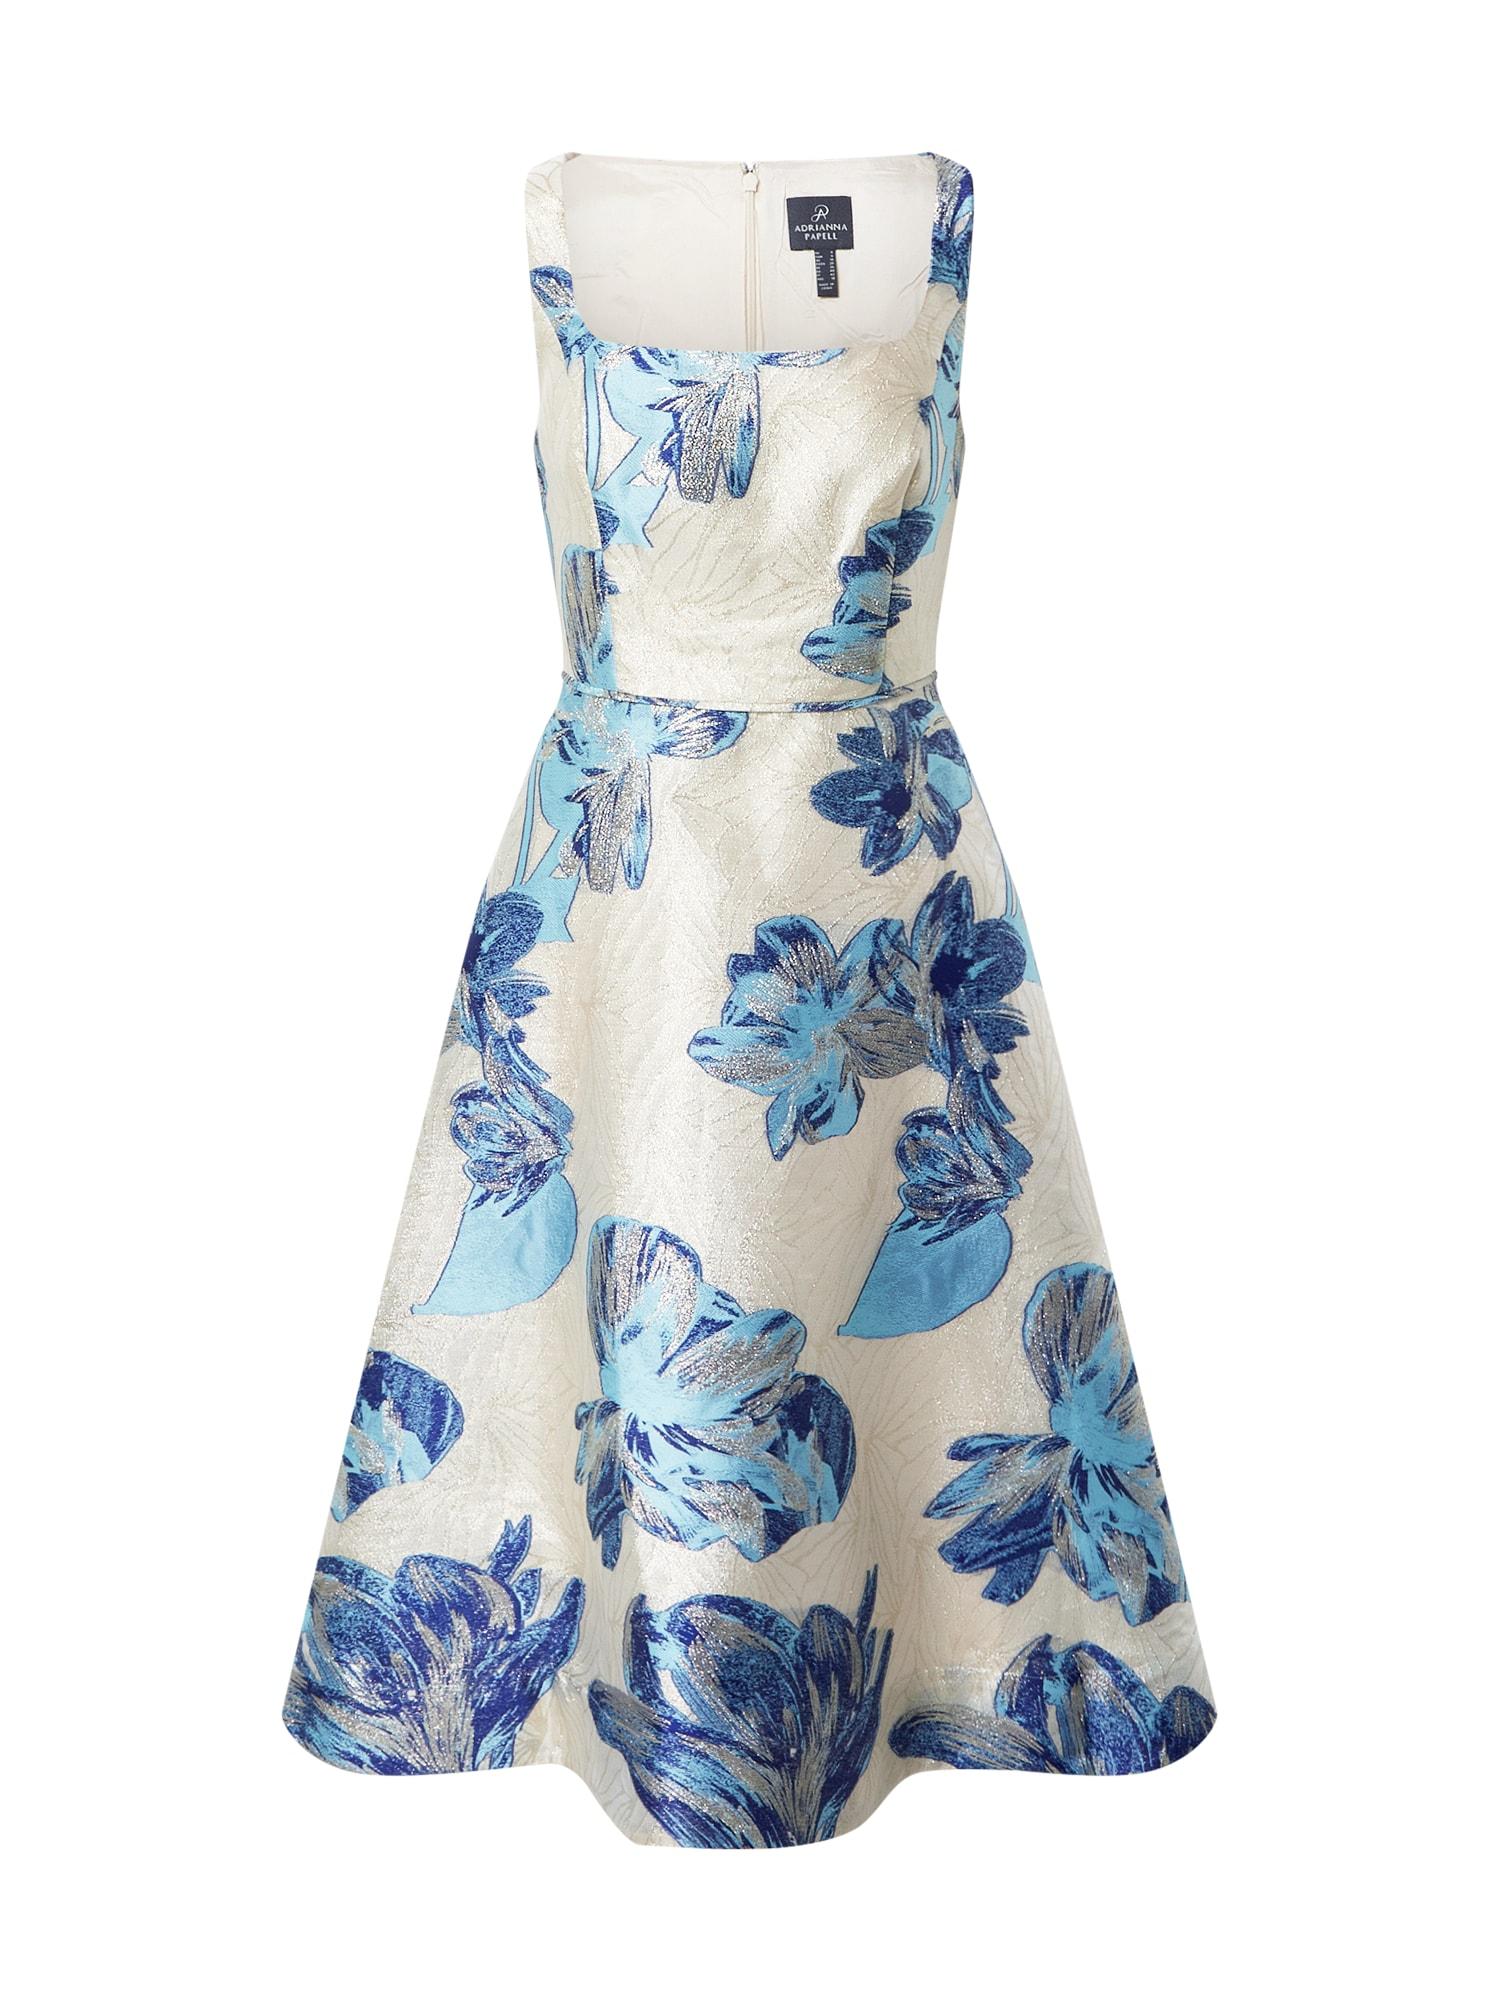 Adrianna Papell Suknelė mėlyna / natūrali balta / šviesiai mėlyna / sidabrinė